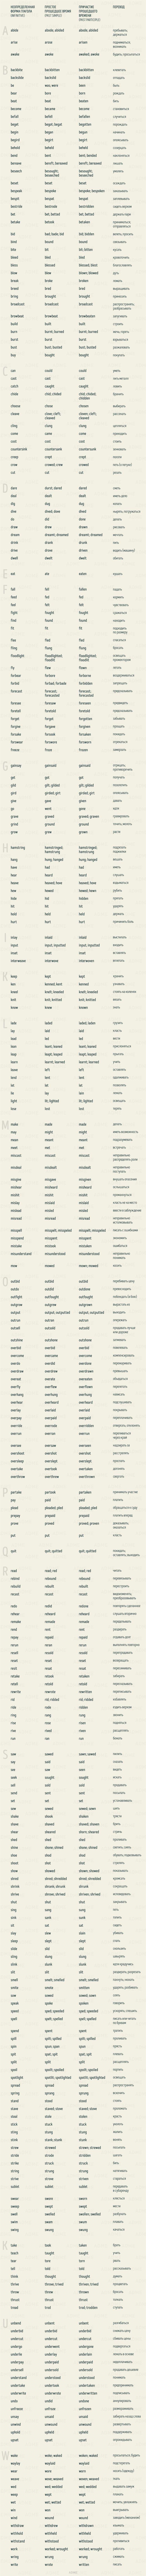 Полный список неправильных английских глаголов /\ Начать изучение: http://popularsale.ru/faststart3/?ref=80596&lnk=1442032 /\ Начать изучение: http://popularsale.ru/faststart3/?ref=80596&lnk=1442032